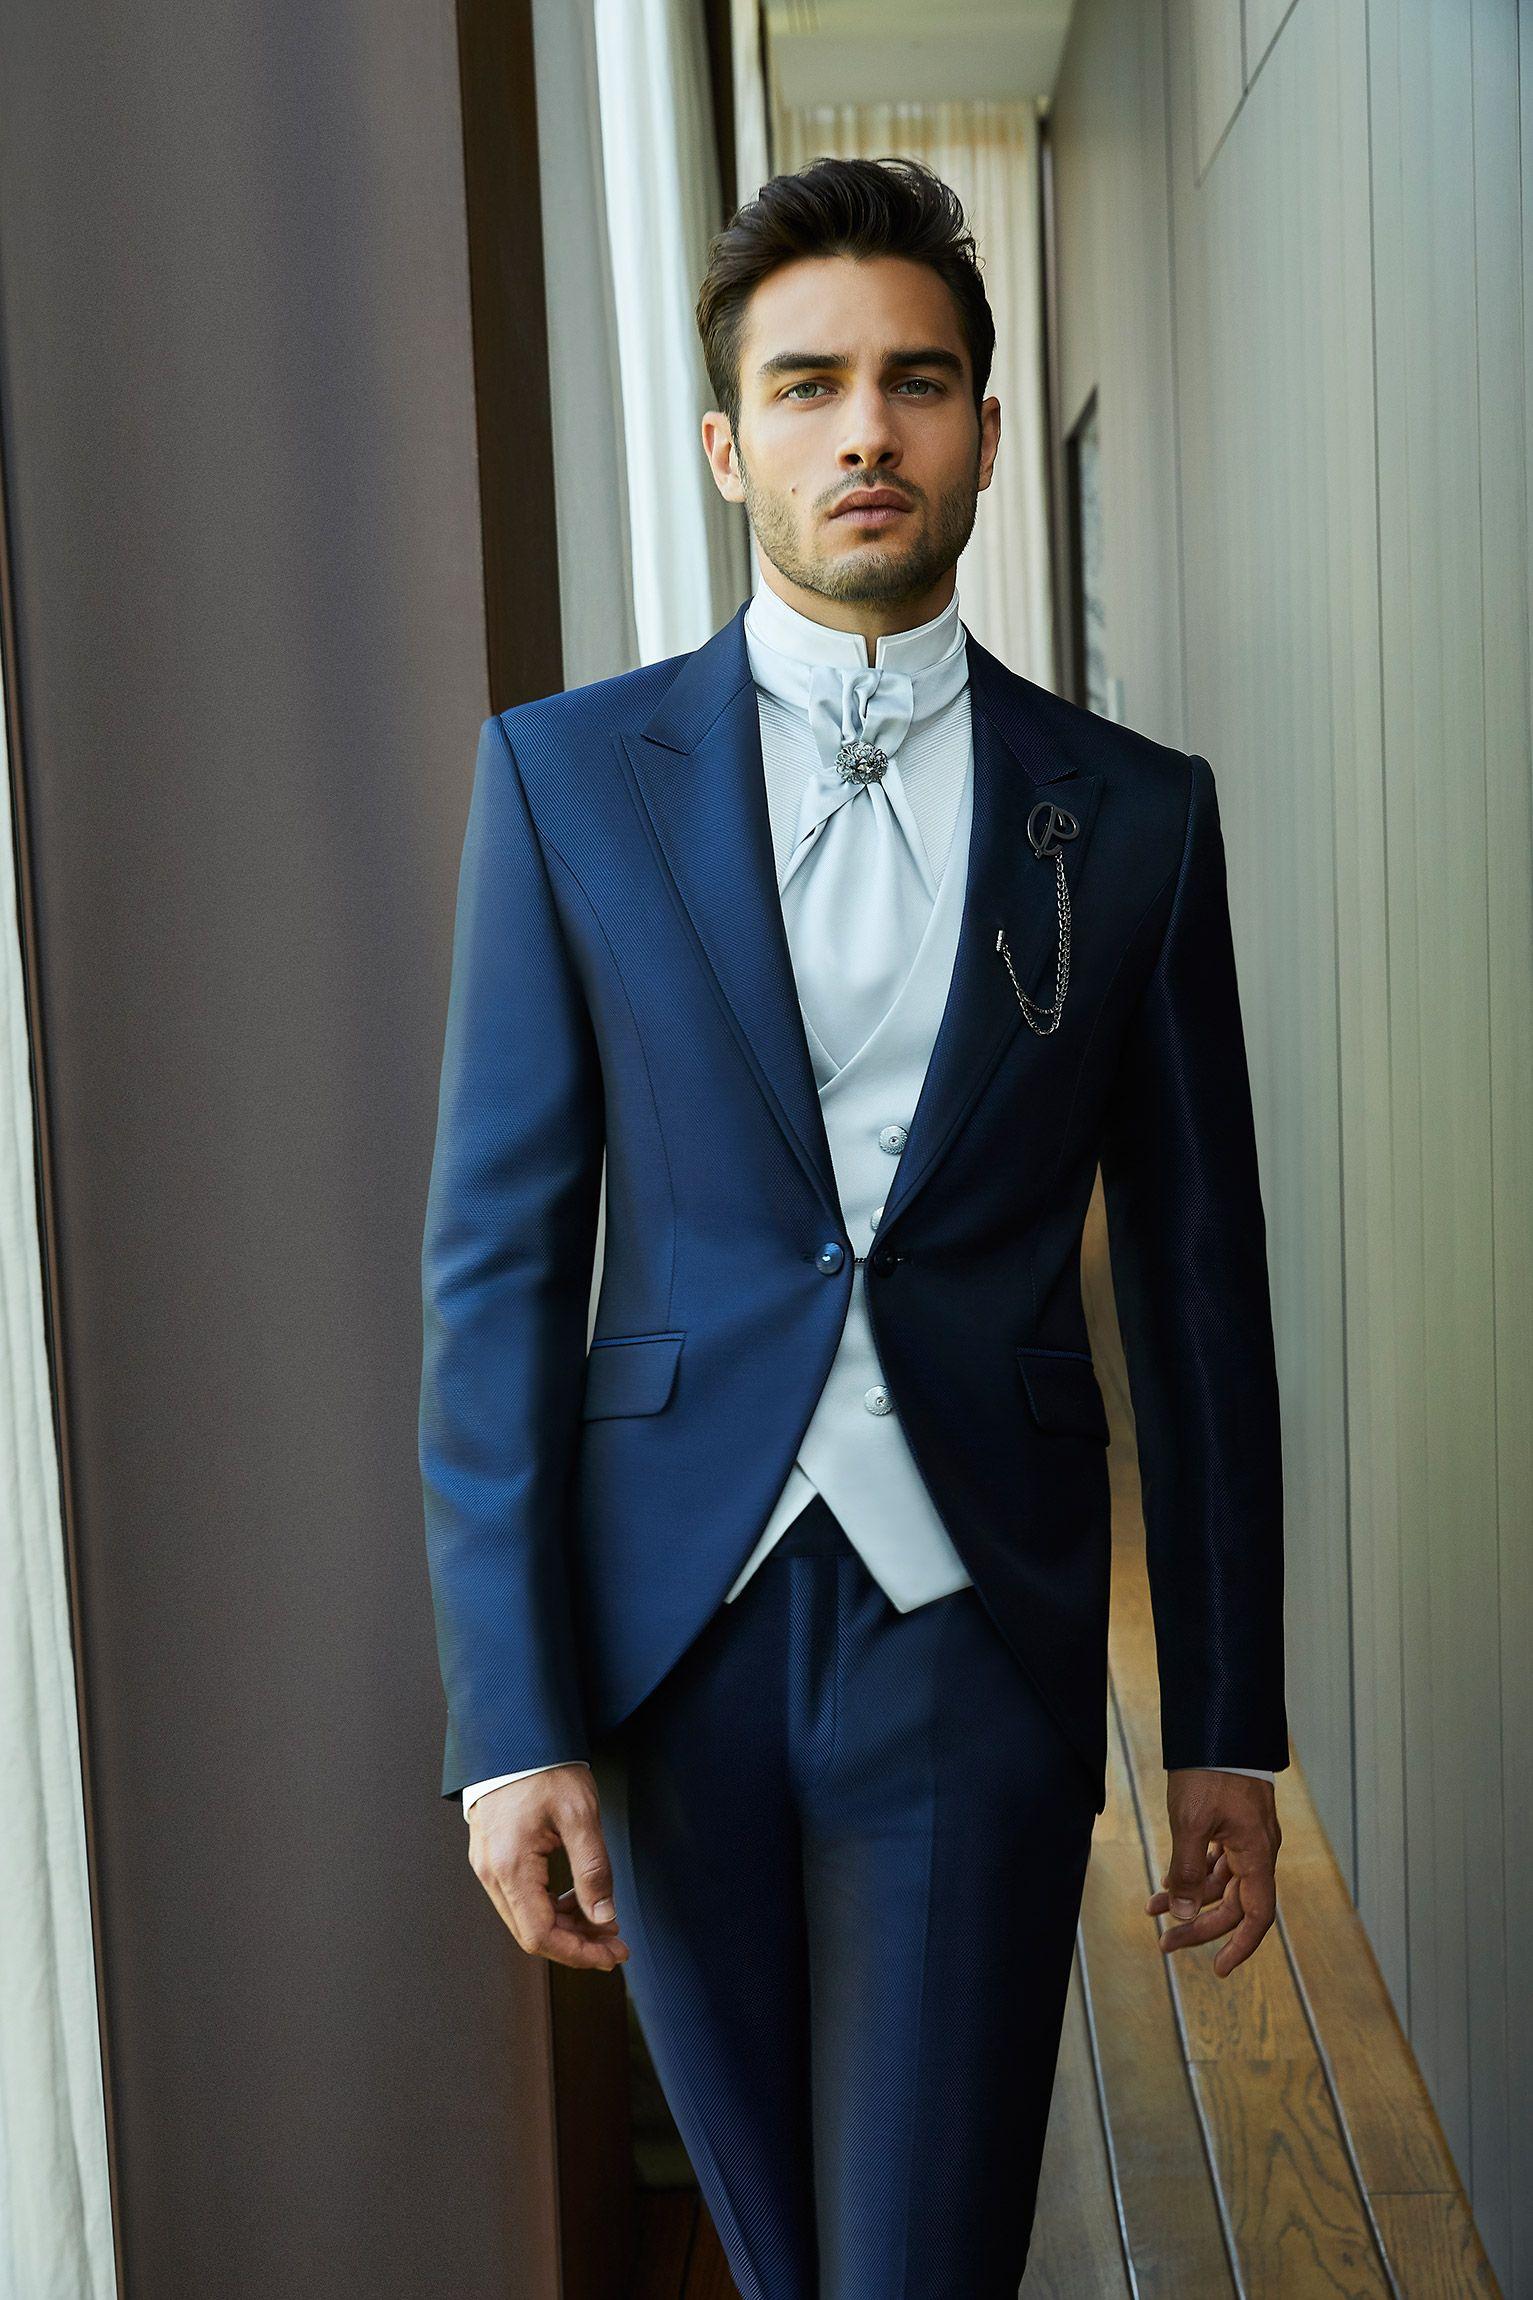 bambino come serch ottima qualità abiti da sposo & abiti da sposa | 2019 in 2019 | Dress suits ...